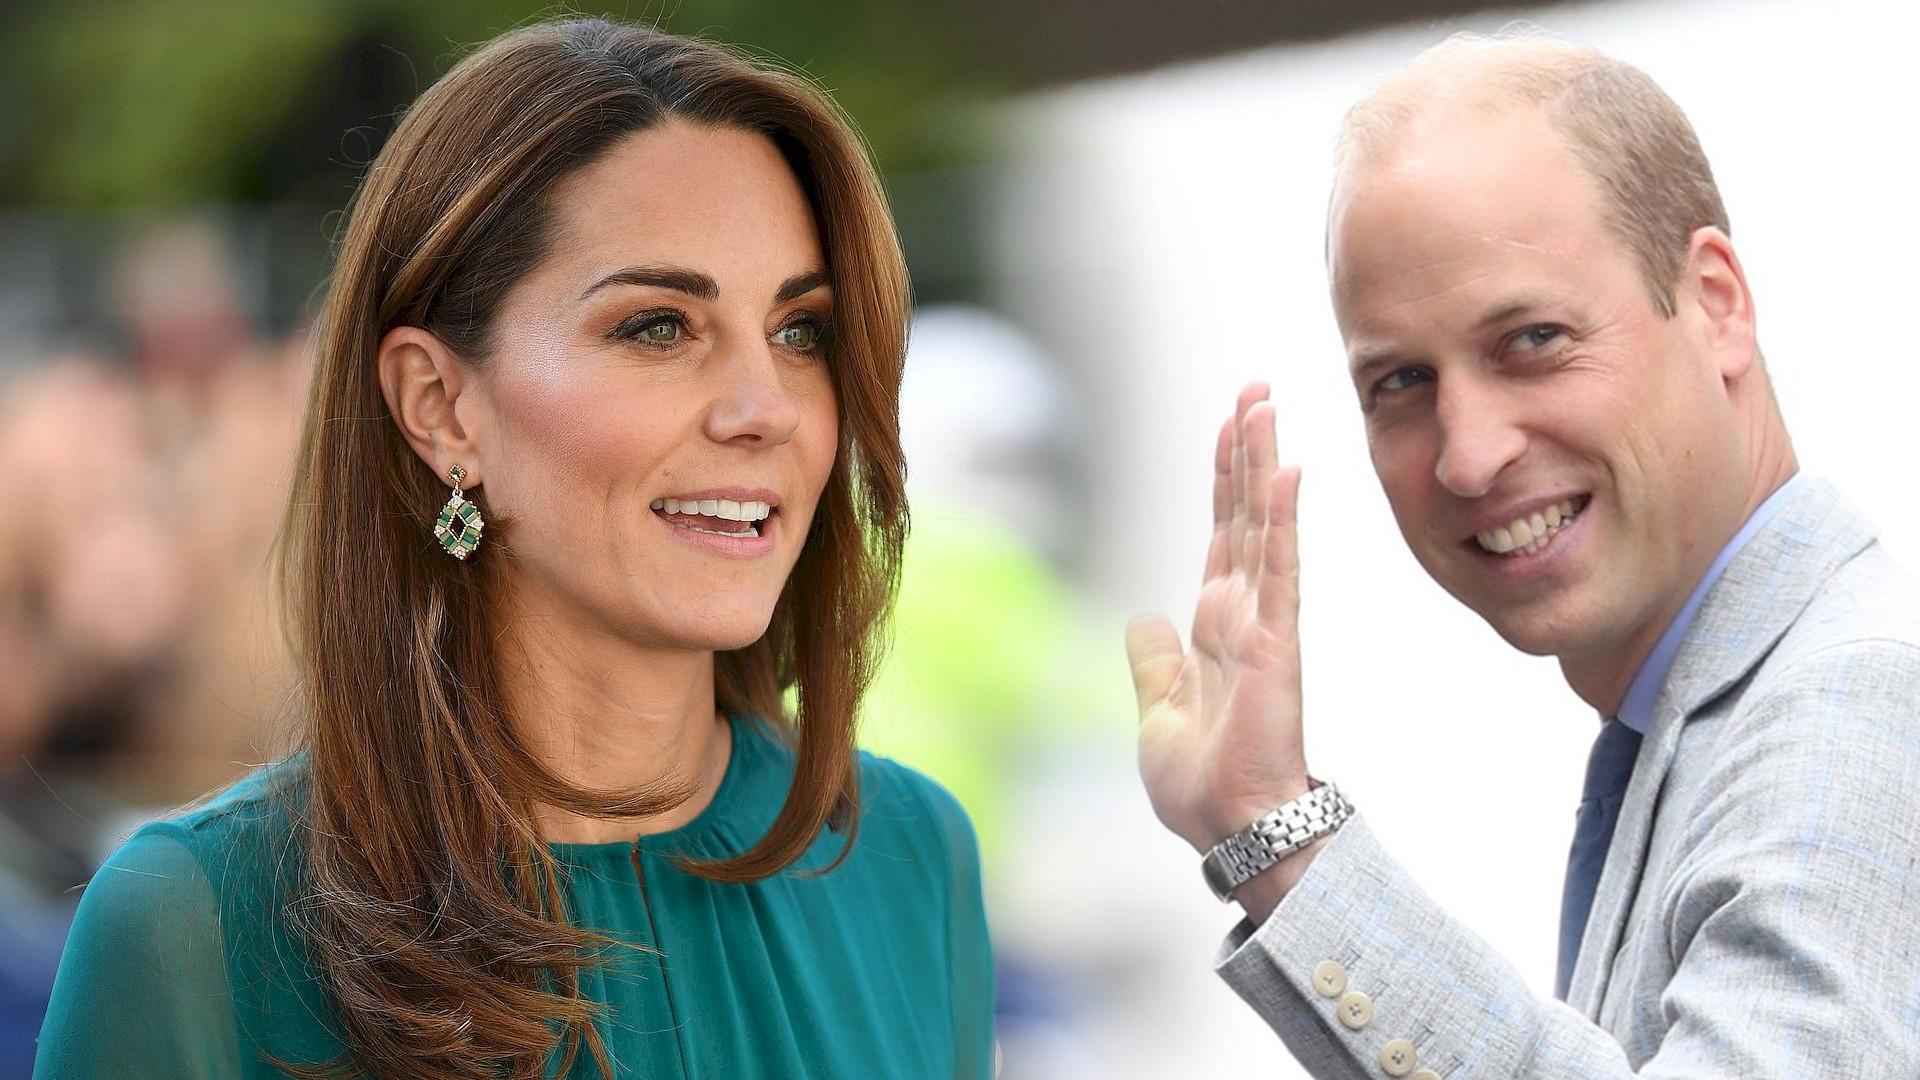 Księżna Kate wykonała pewien GEST wobec księcia Williama. To pokazało prawdę o ich relacji